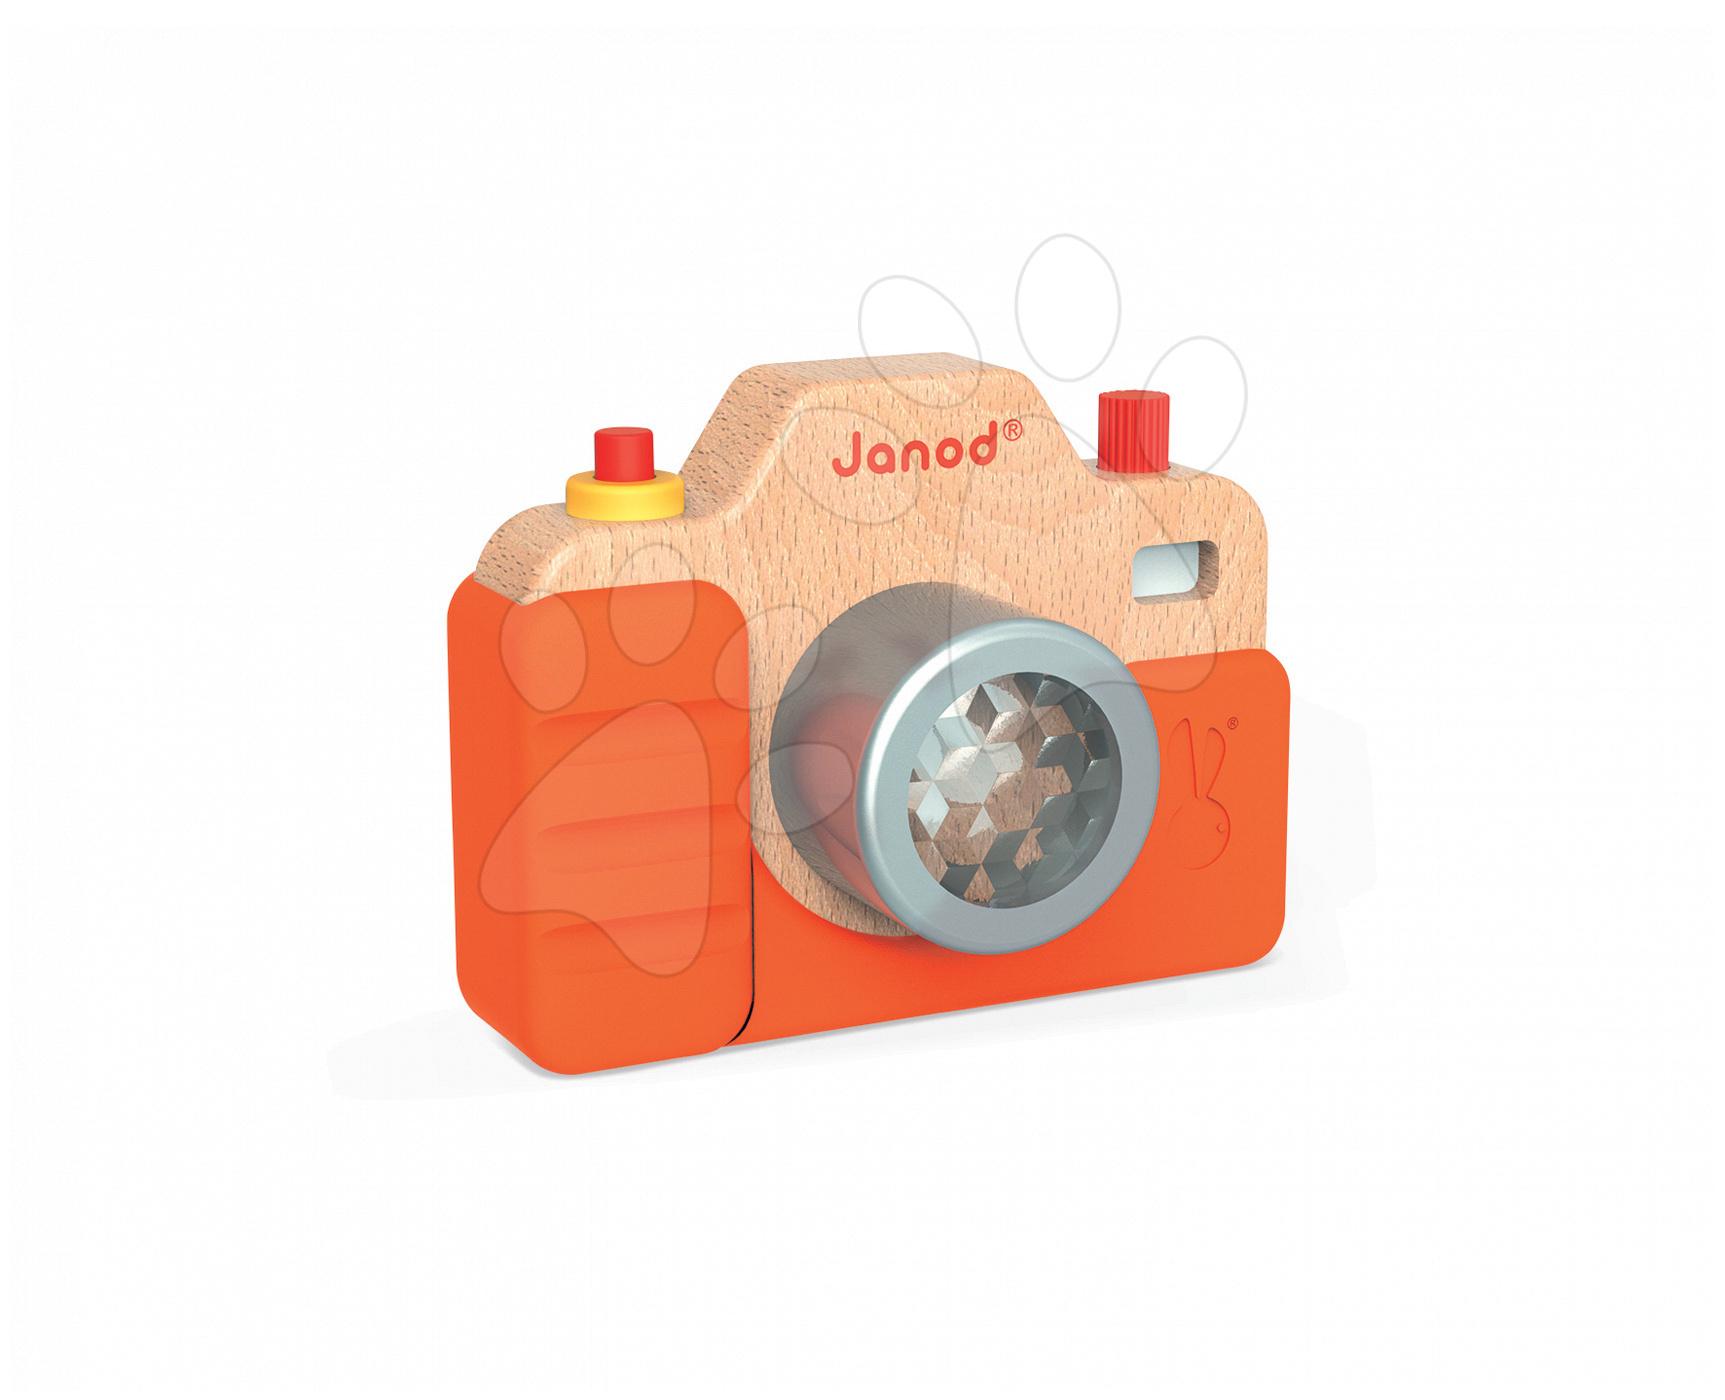 Dřevěný fotoaparát se zvuky a světlem Janod #VALUE! od 18 měsíců